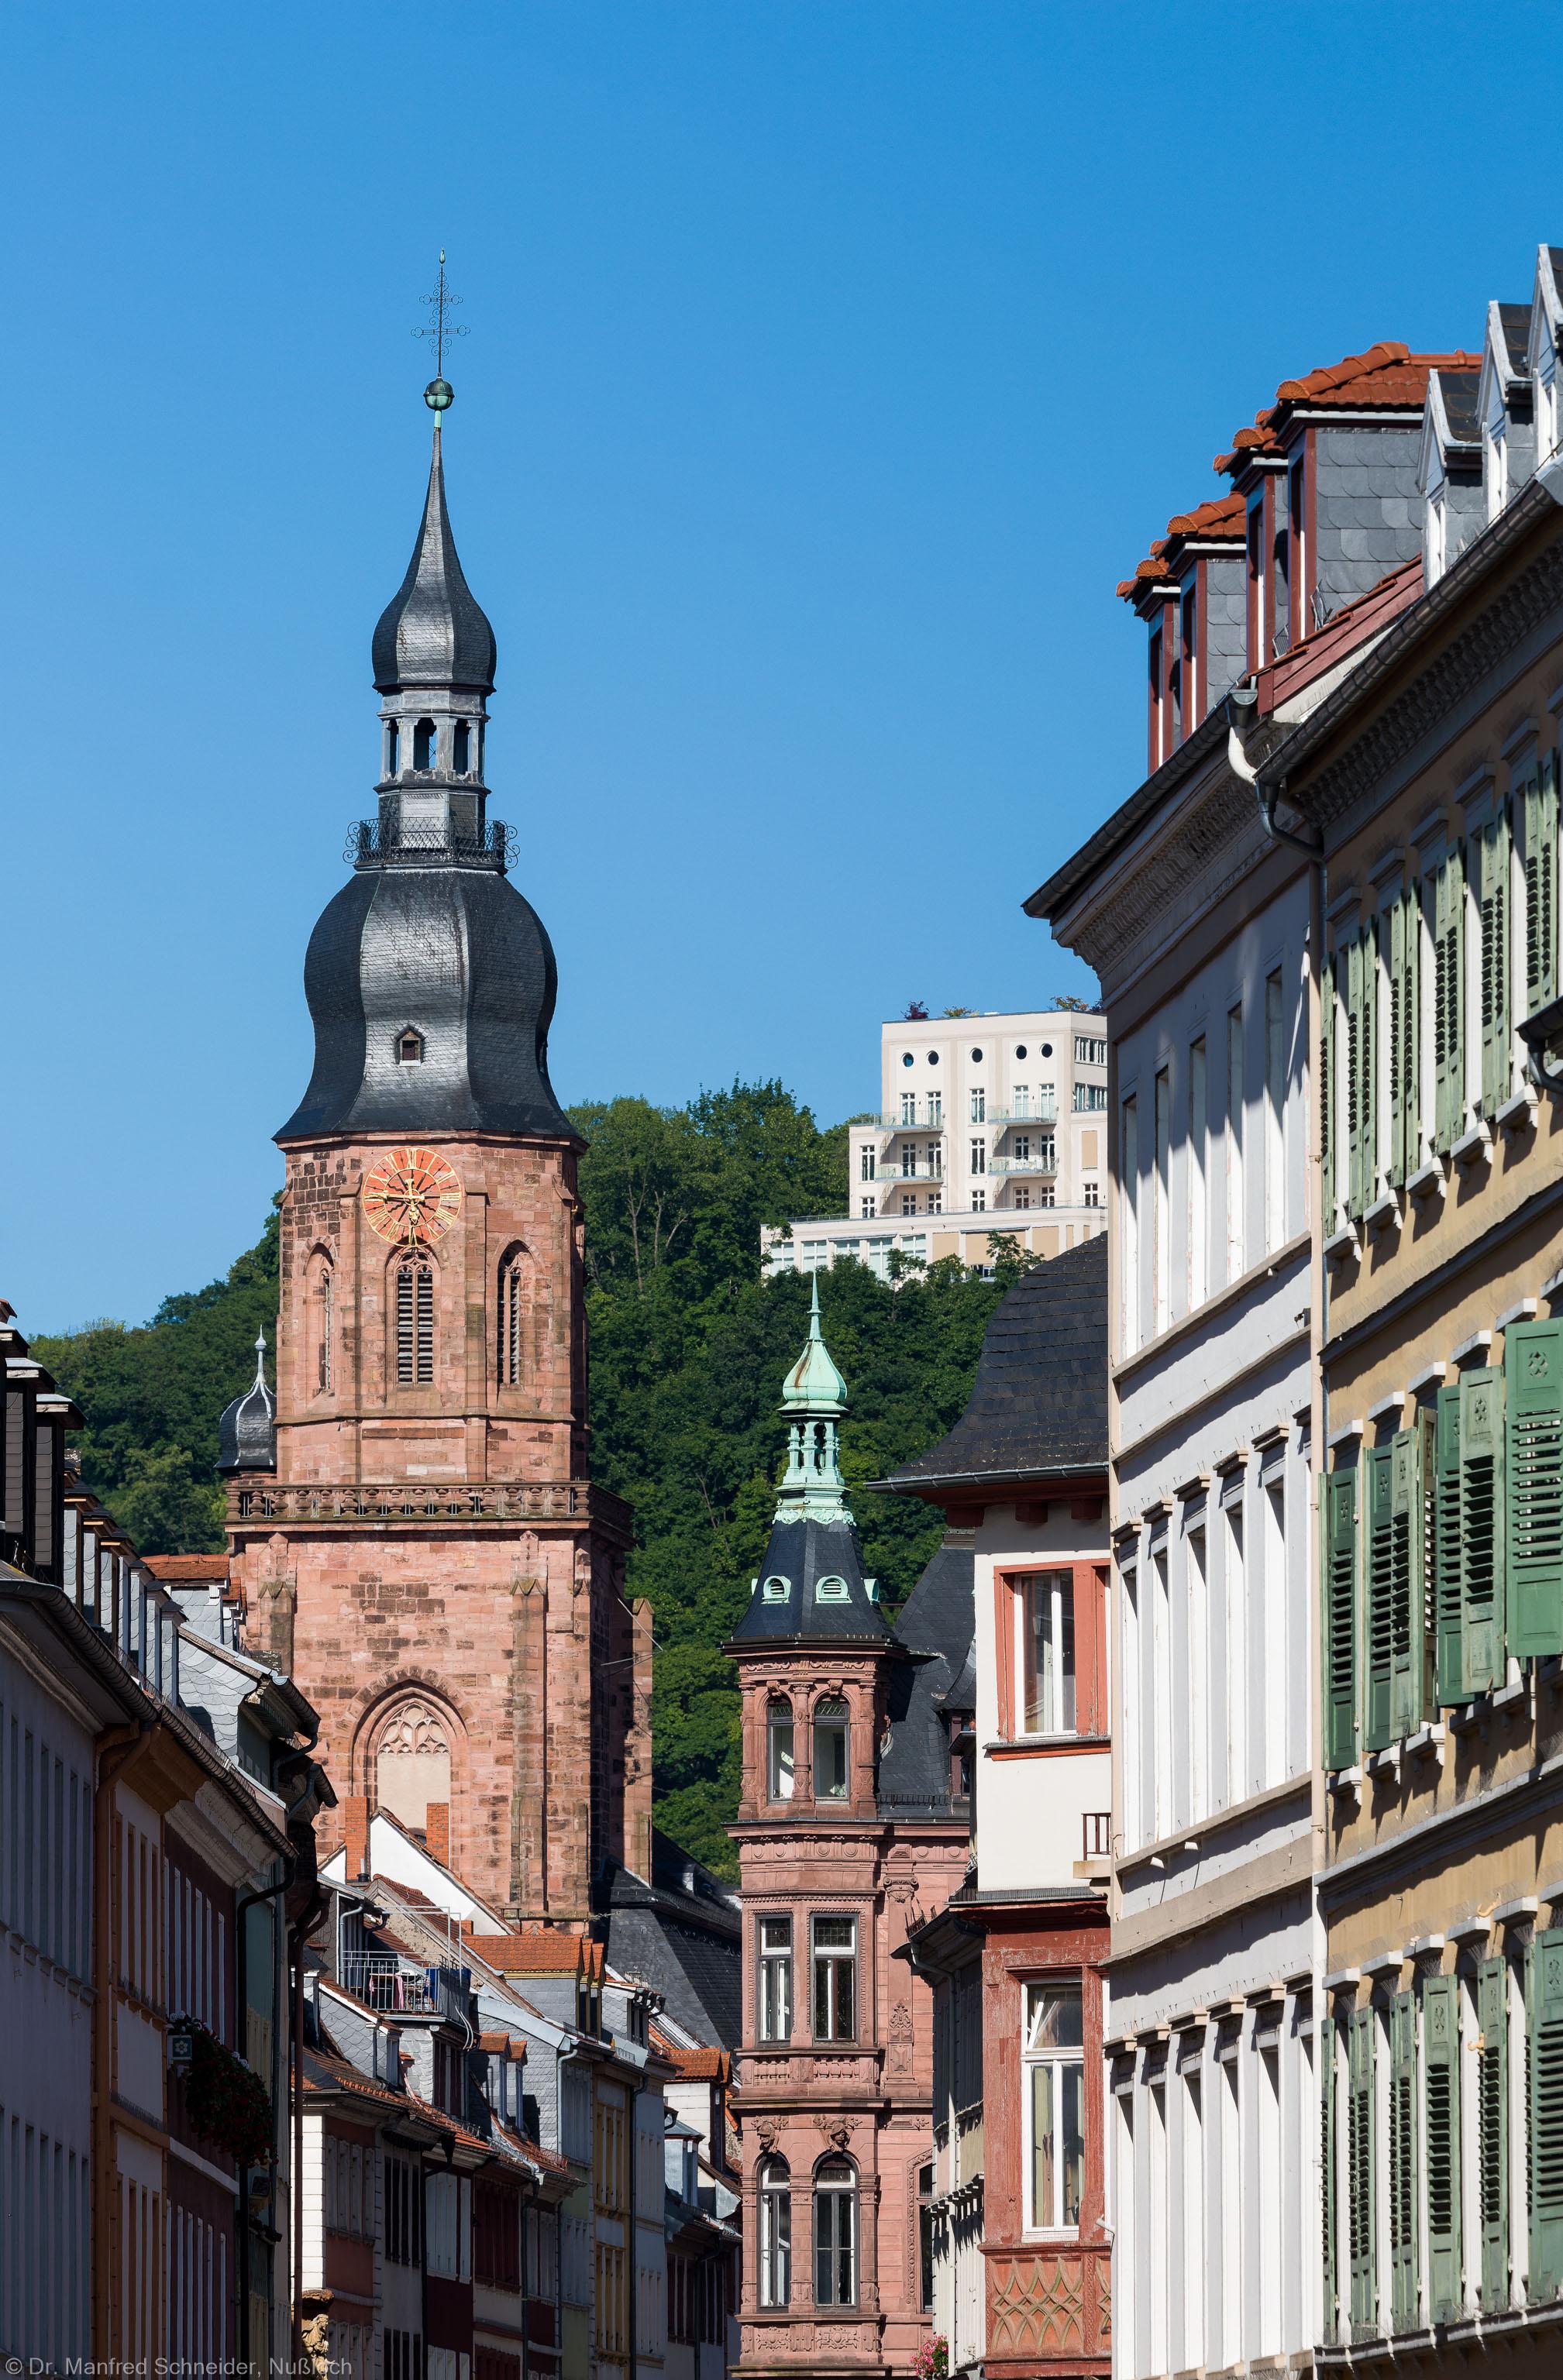 Heidelberg - Heiliggeistkirche - Aussen / West - Blick von der Hauptstraße auf den Turm (aufgenommen im Juni 2013, am späten Nachmittag)